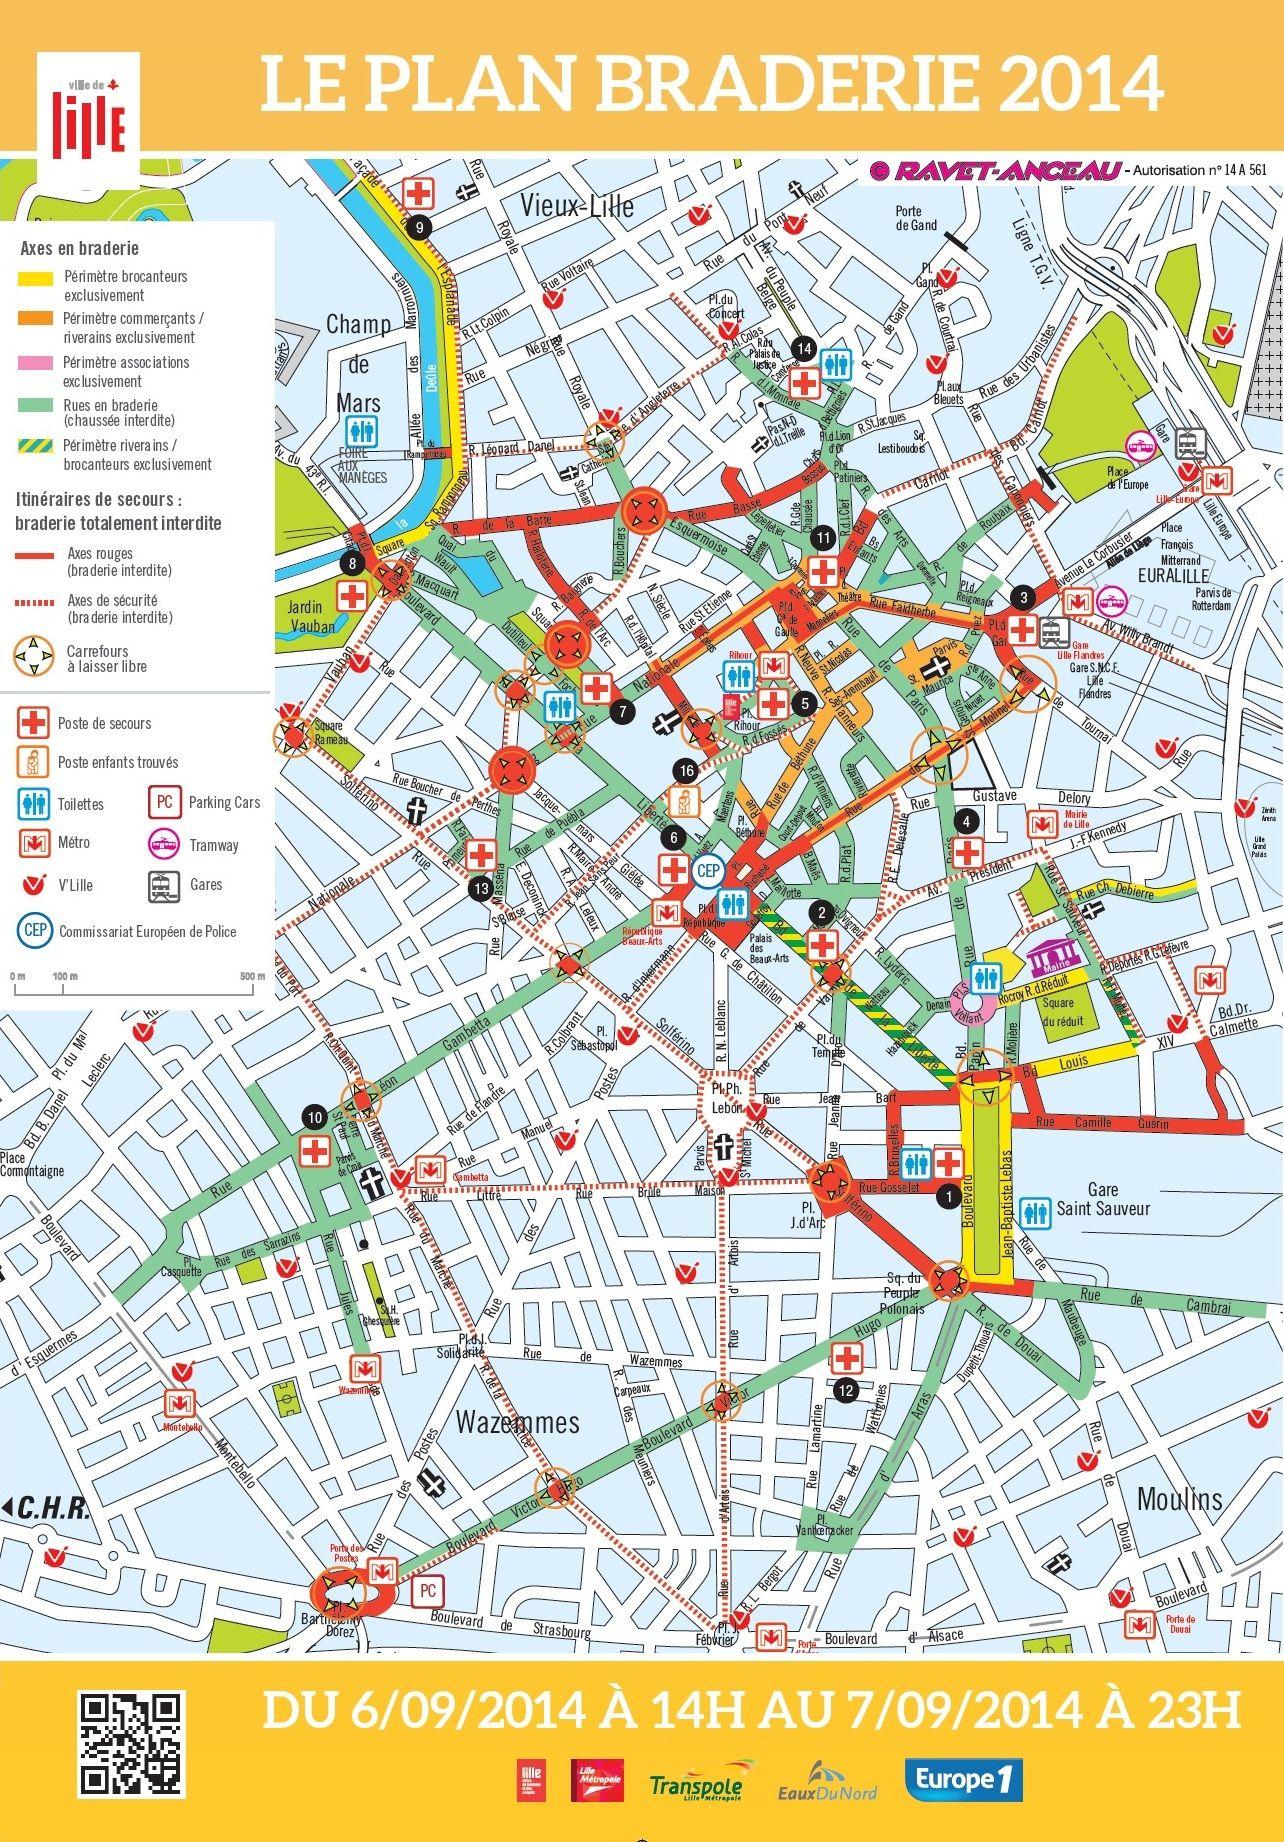 plan-braderie-de-lille-2013-770x433 | Flea Markets | Pinterest ...